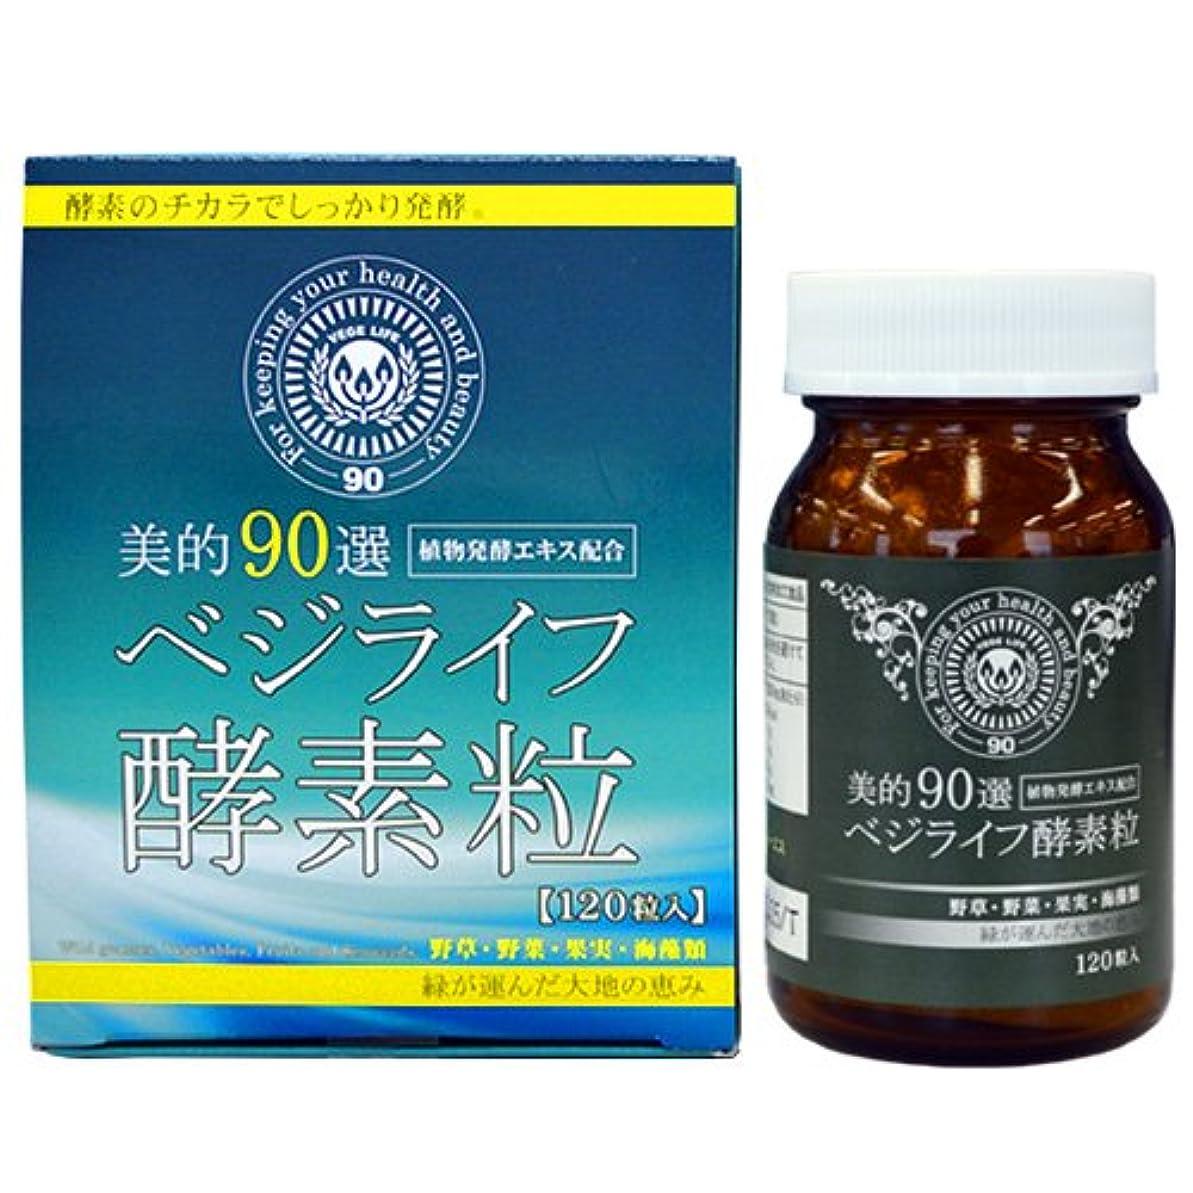 傷跡無しモニター植物発酵エキス配合 美的90選ベジライフ酵素粒(120粒入り)